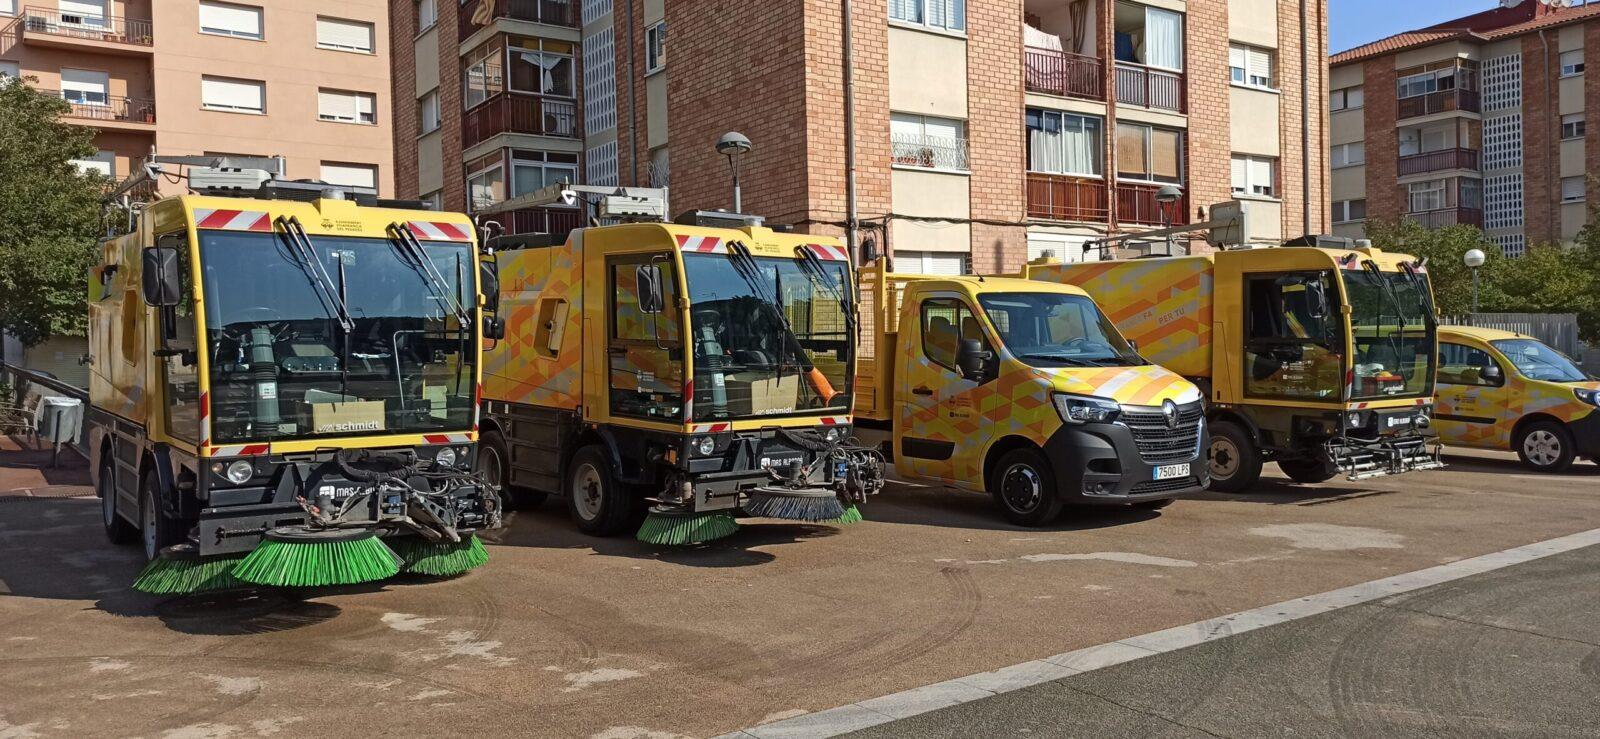 El servei de neteja viària de Mas Albornà a Vilafranca renova la flota de vehicles amb maquinària d'última generació